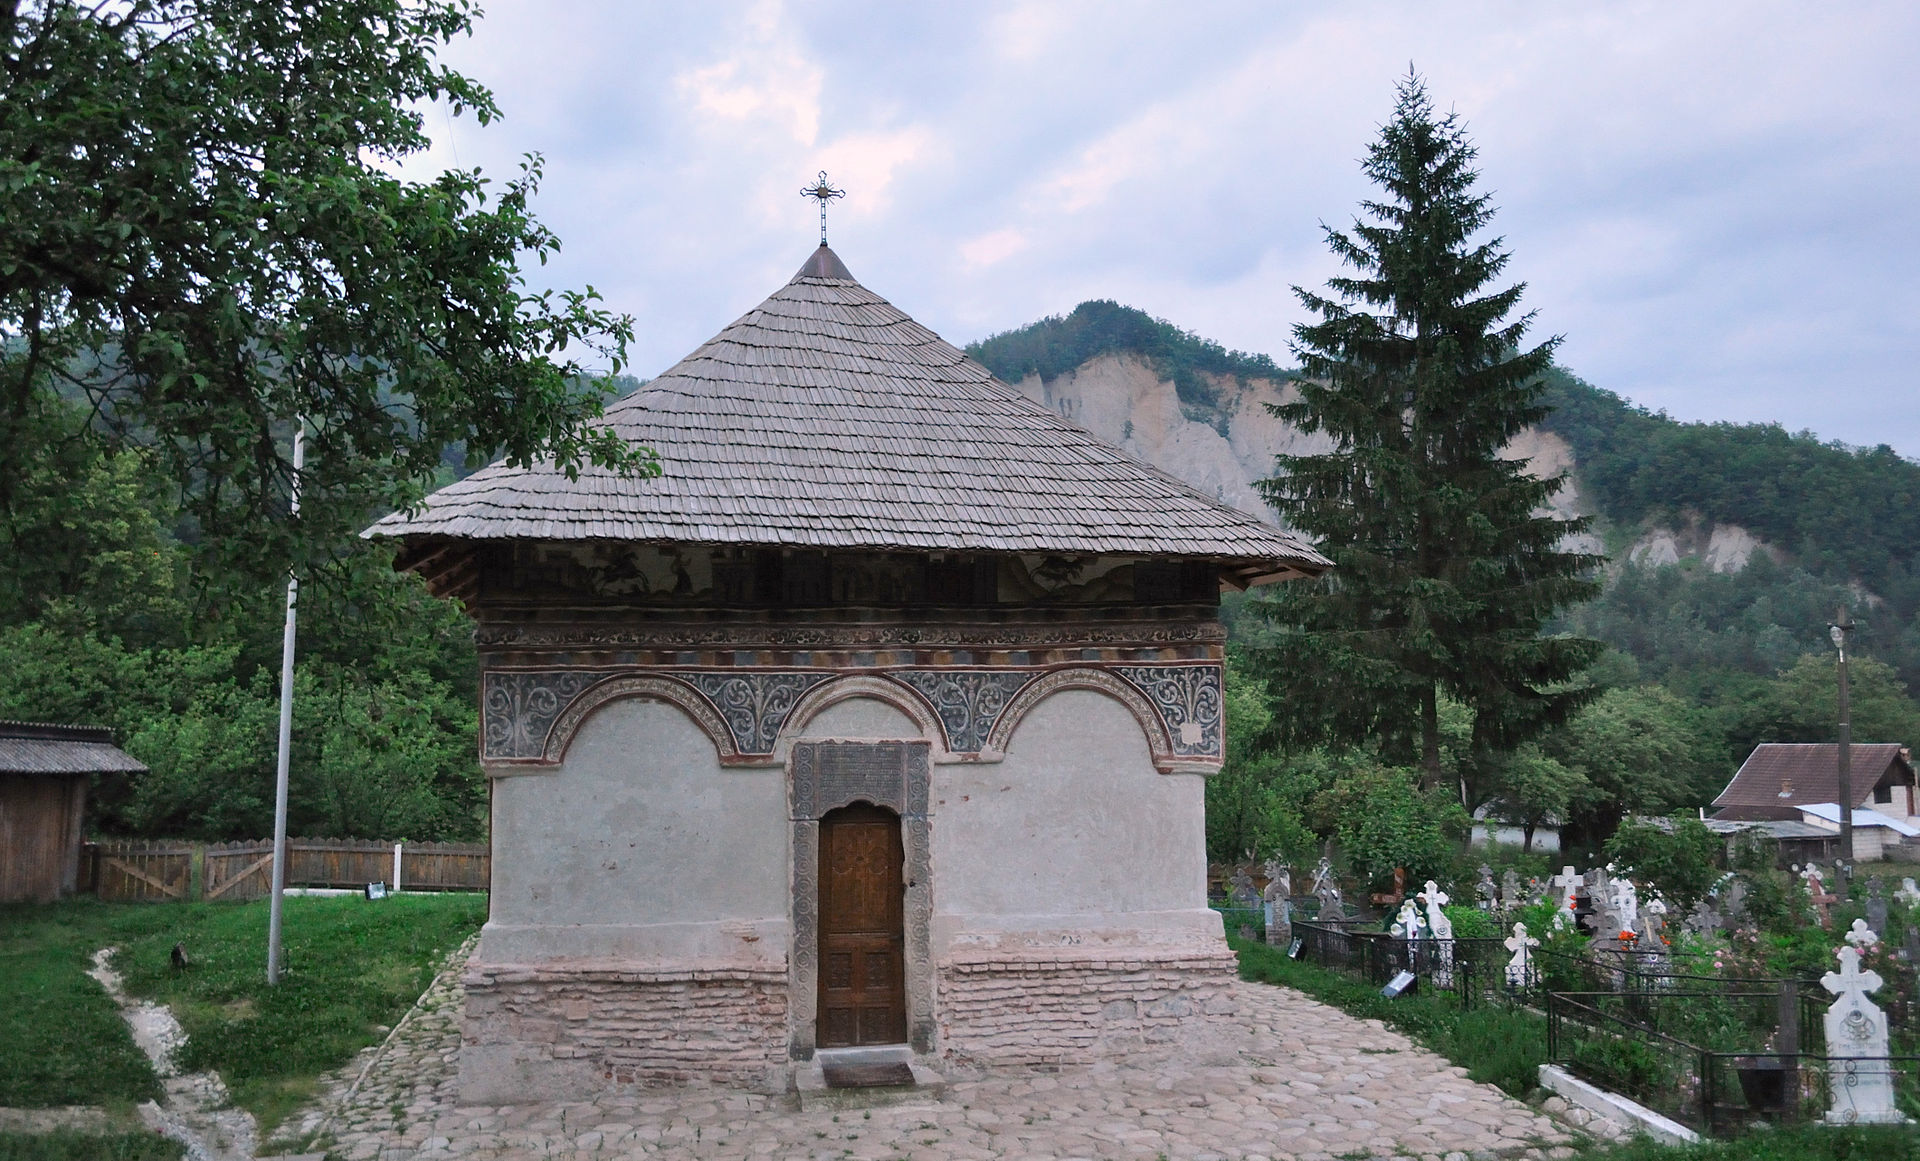 """Biserica monument """"Intrarea în Biserică"""", fotografie de Mircea Rareș Țetcu. Sursa foto: Wikipedia"""